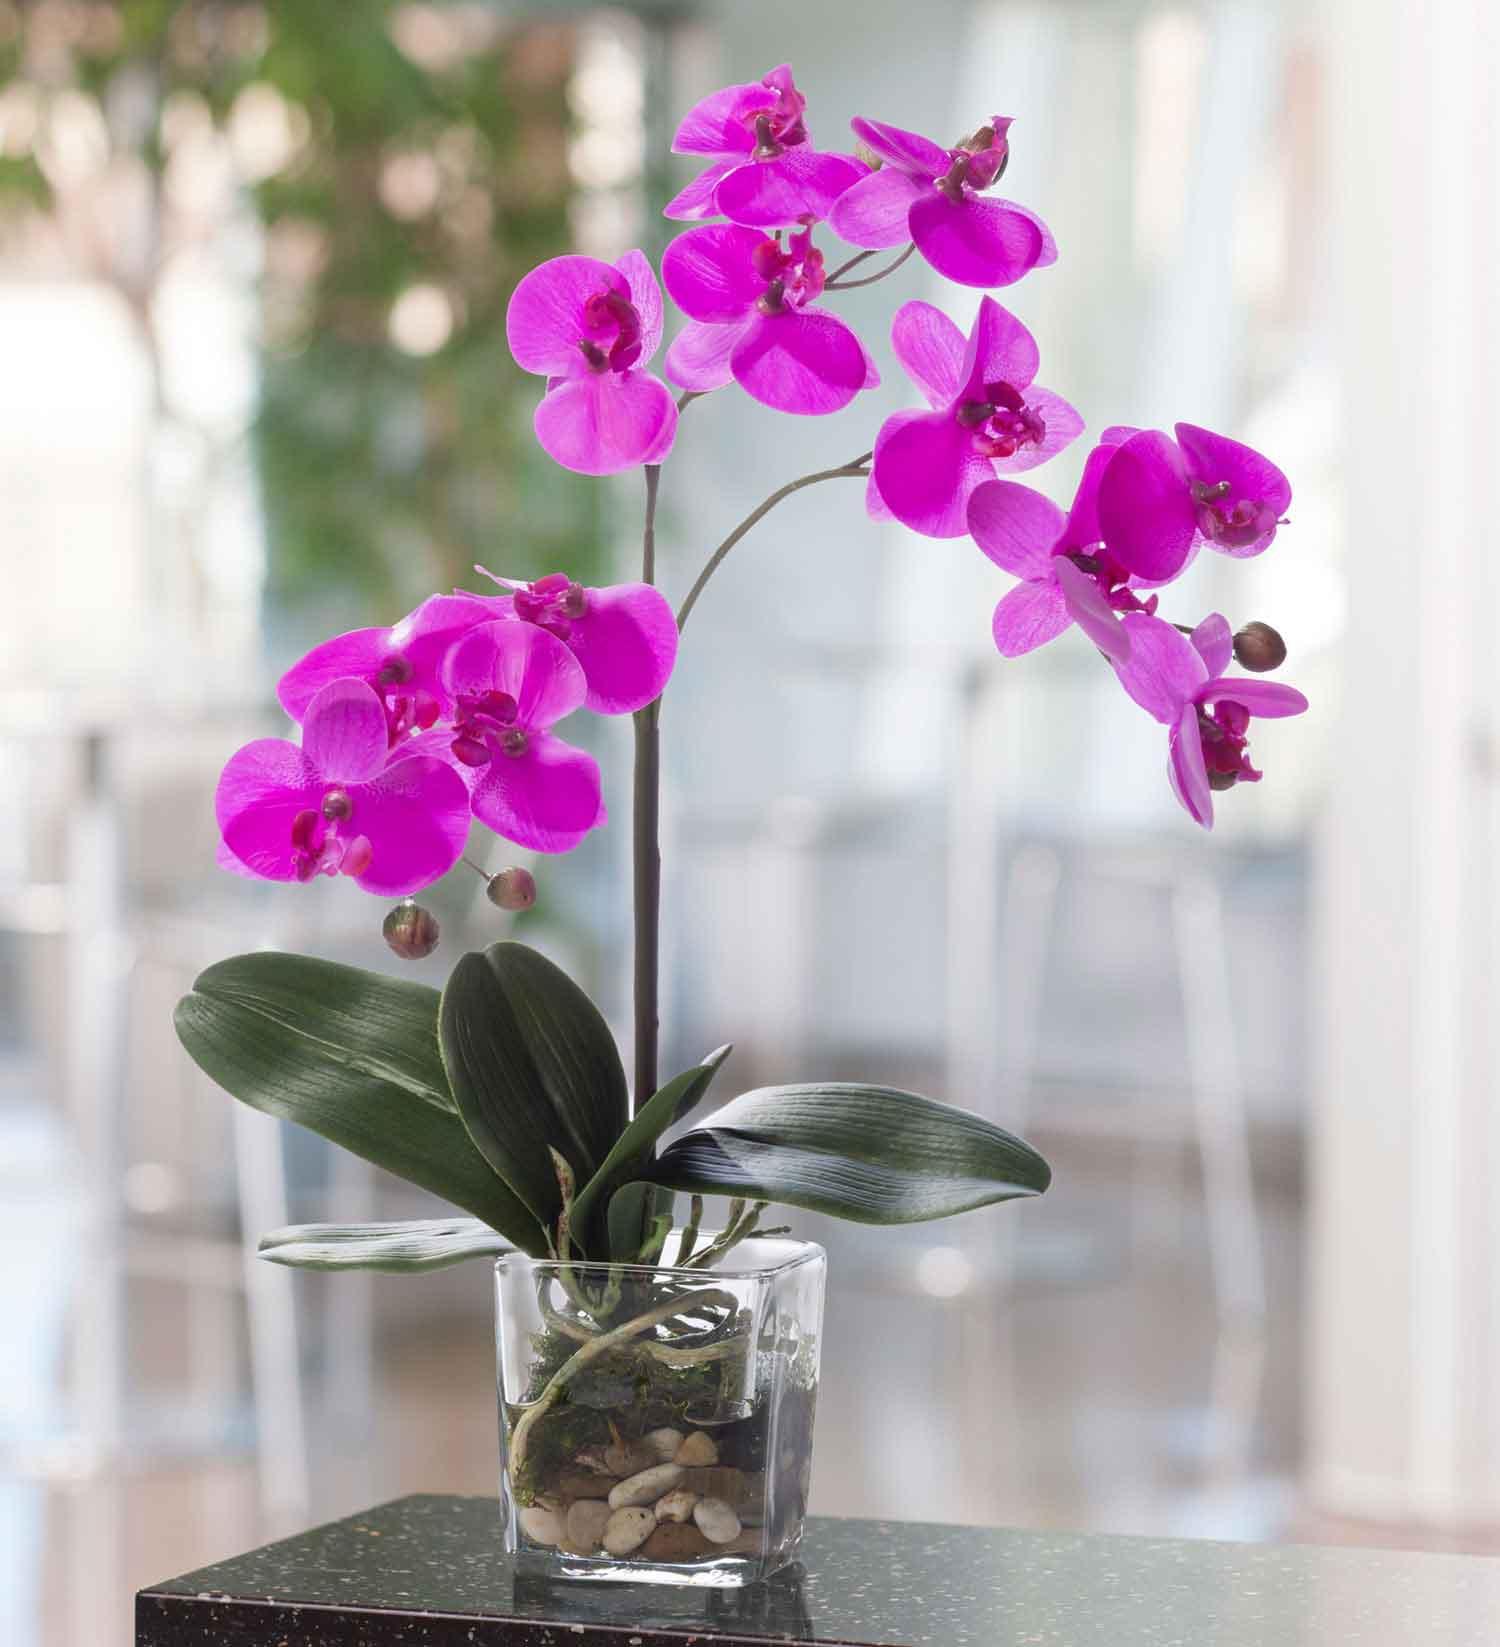 قیمت گل ارکیده گلدانی بنفش رنگ، خرید اینترنتی گل ارکیده گلدانی لوکس با گلدان